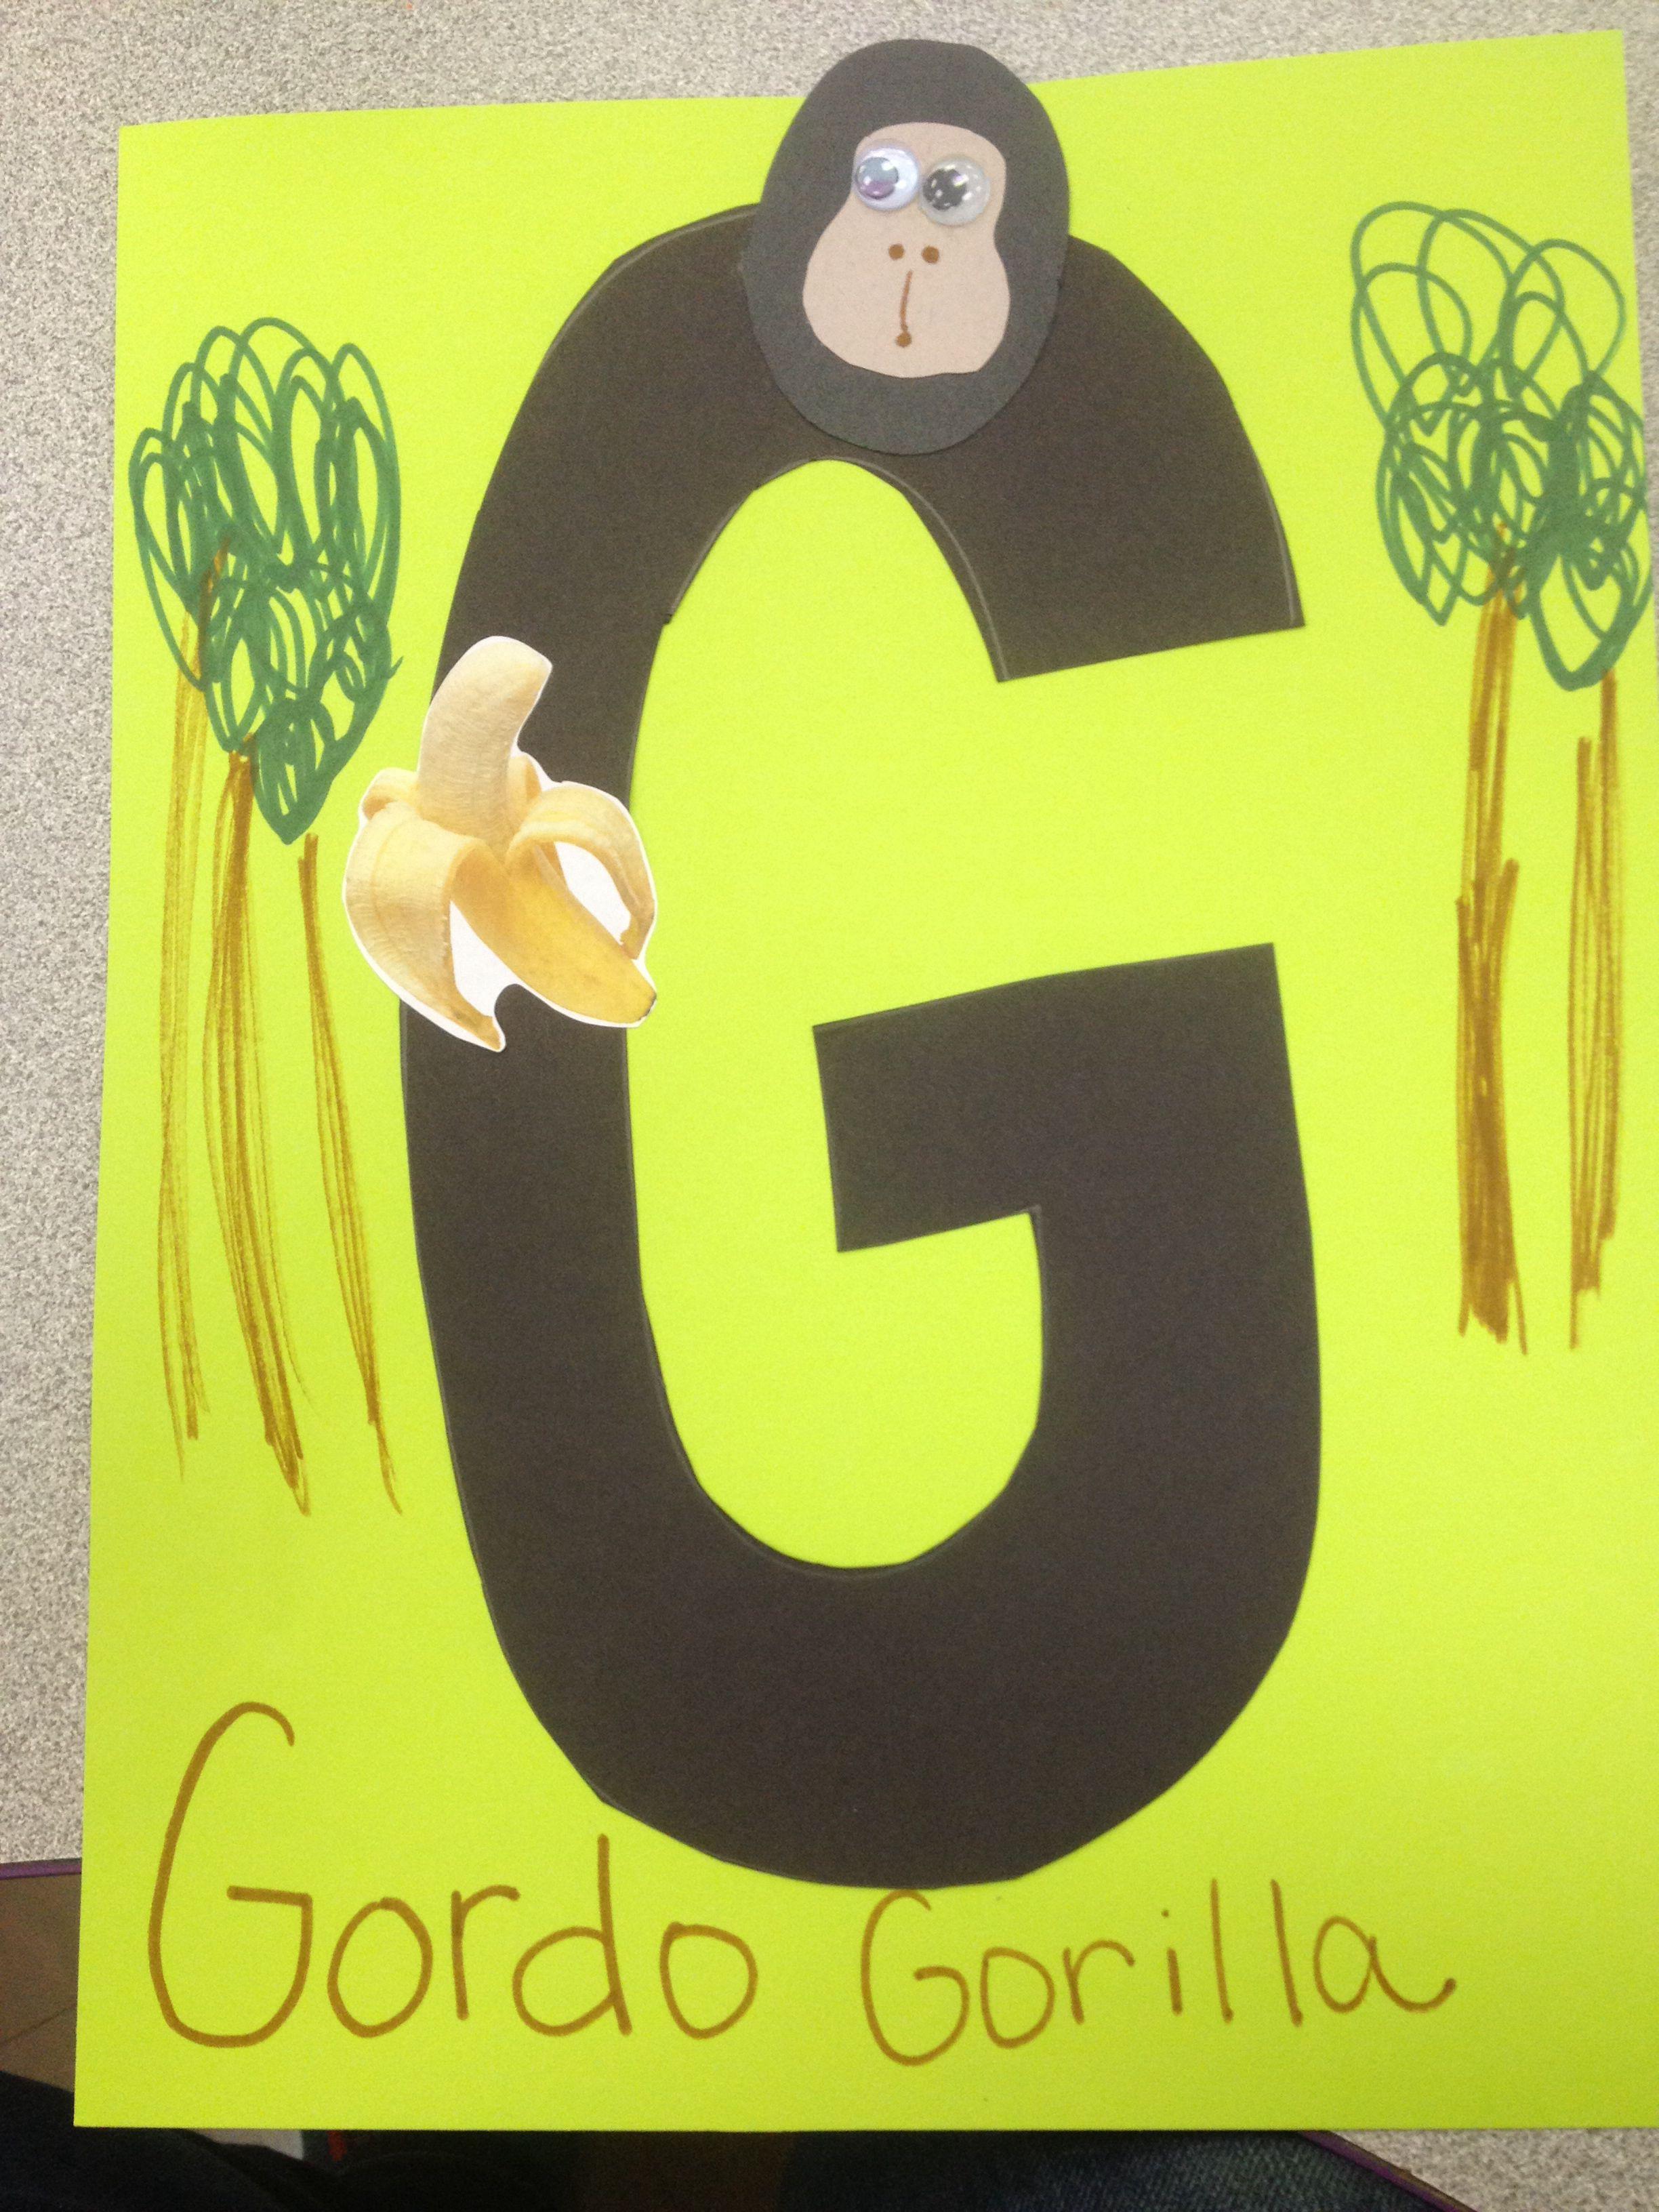 Gordo Gorilla